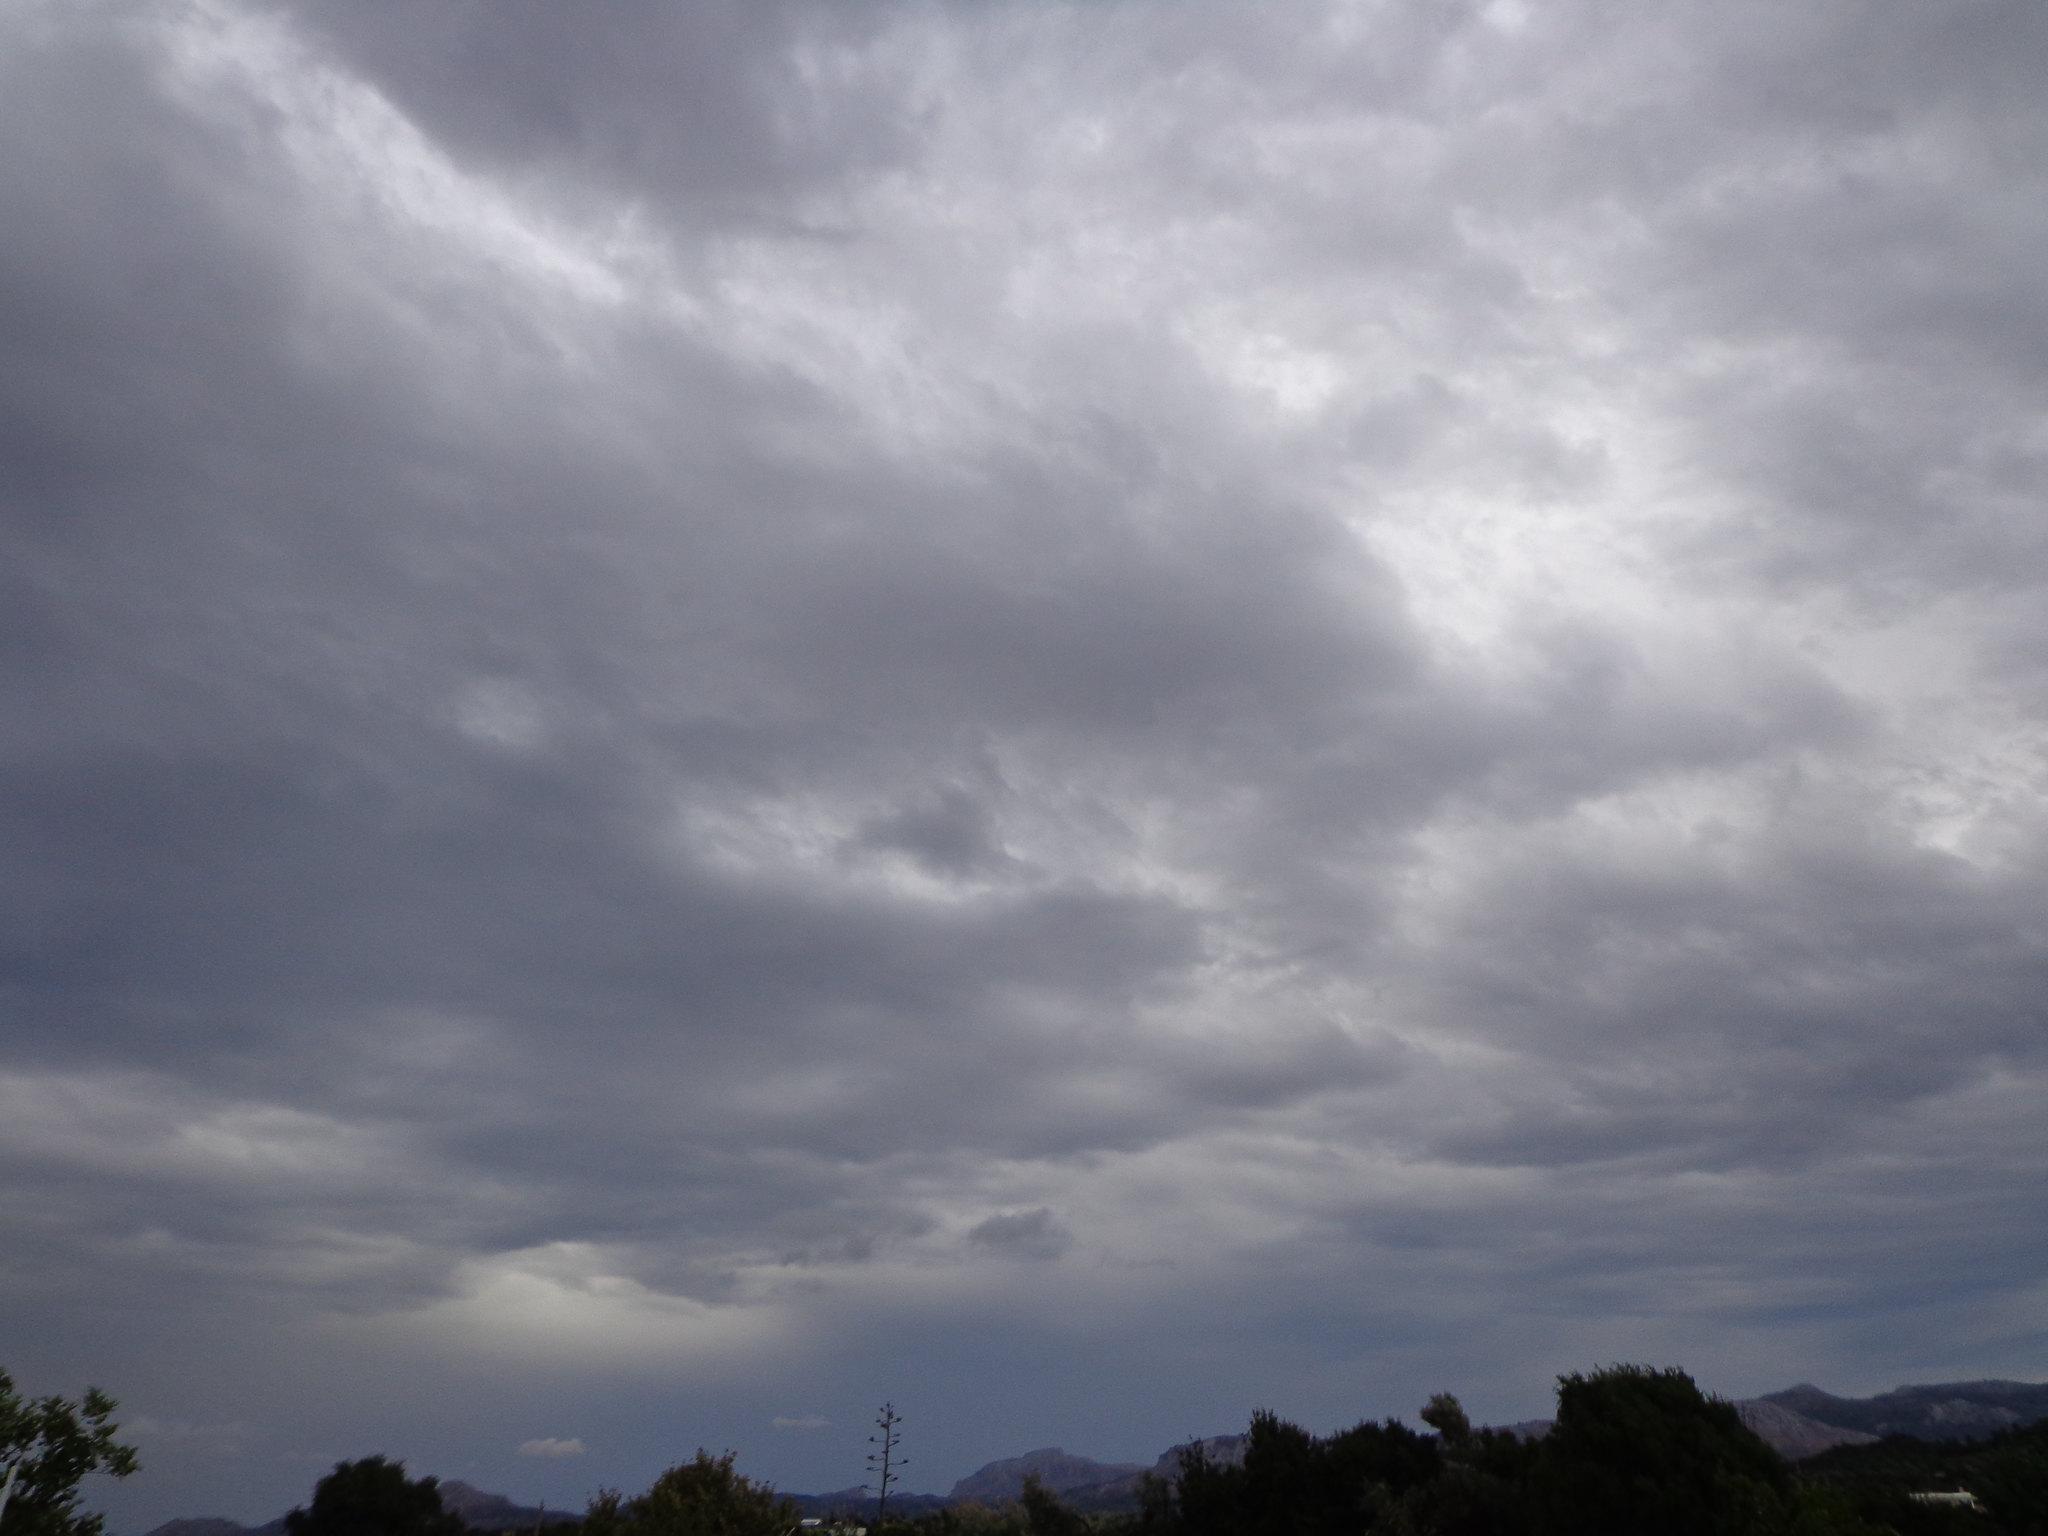 Ψίνθος Φθινόπωρο 2014 - Πρωτοβρόχι, η πρώτη φθινοπωρινή βροχή.